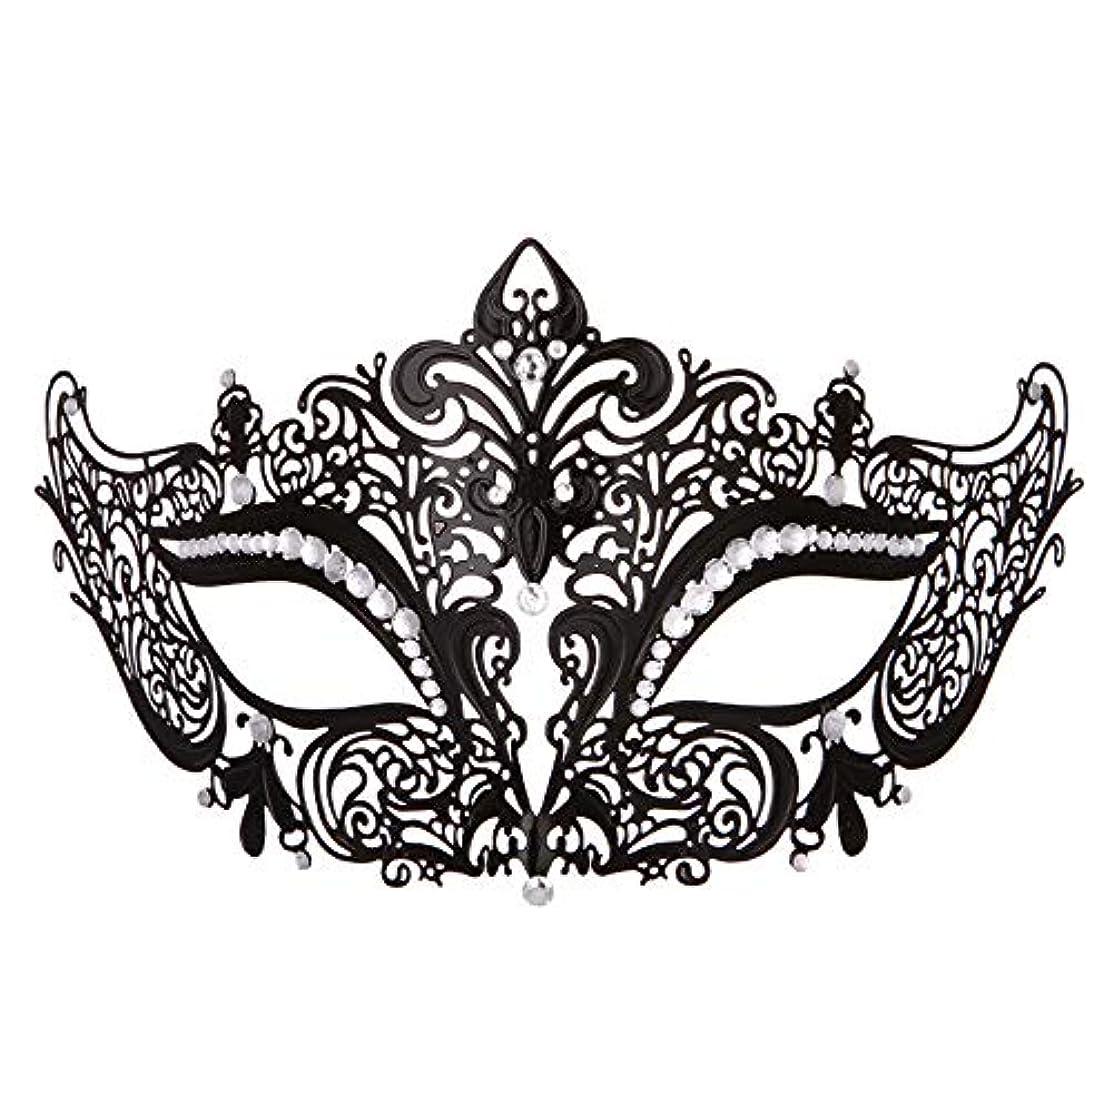 かんたん初期の断線ダンスマスク 高級金属鉄マスク女性美少女中空ハーフフェイスファッションナイトクラブパーティー仮面舞踏会マスク パーティーボールマスク (色 : 白, サイズ : 19x8cm)